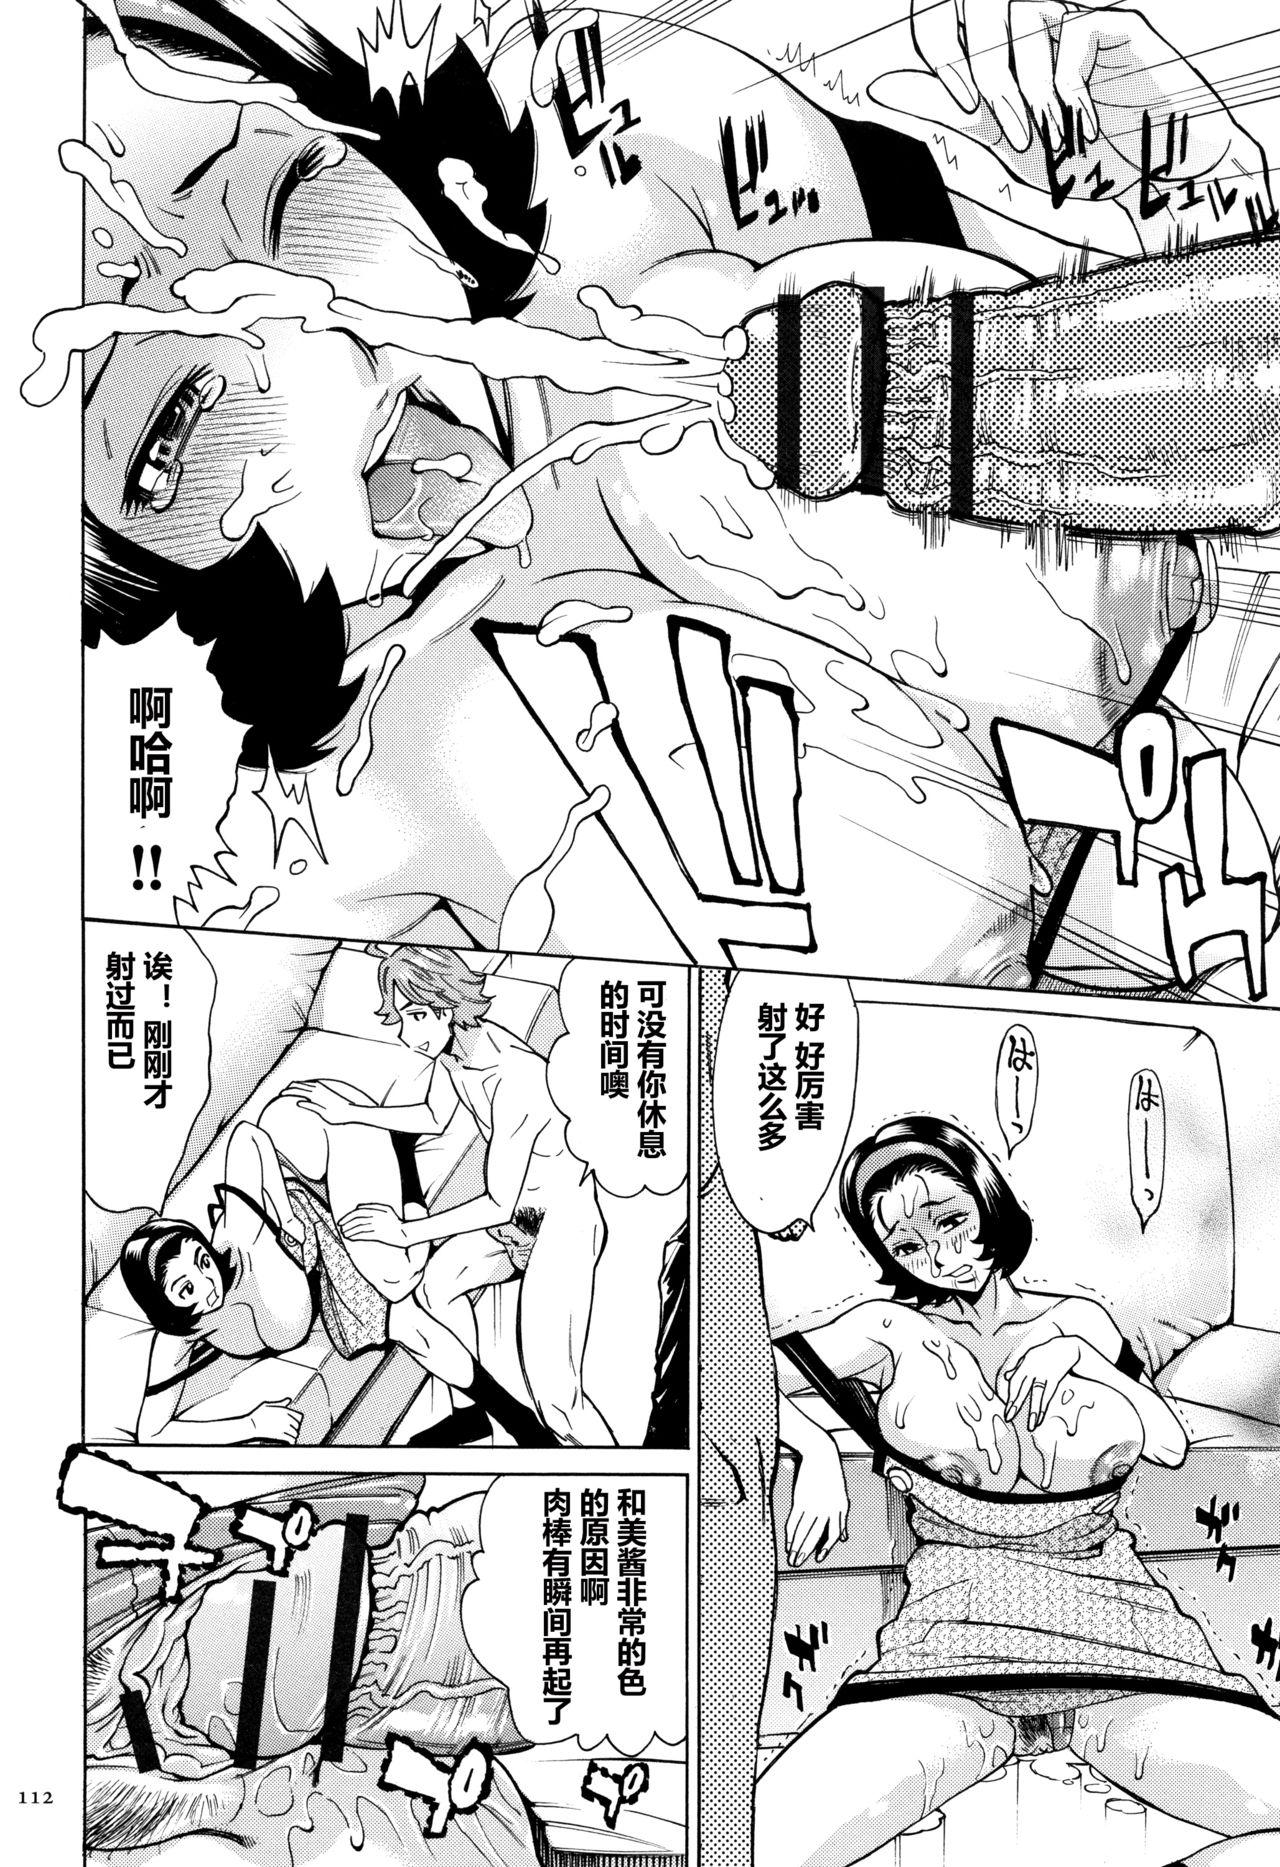 Oba-san dakedo, Daite Hoshii. 112